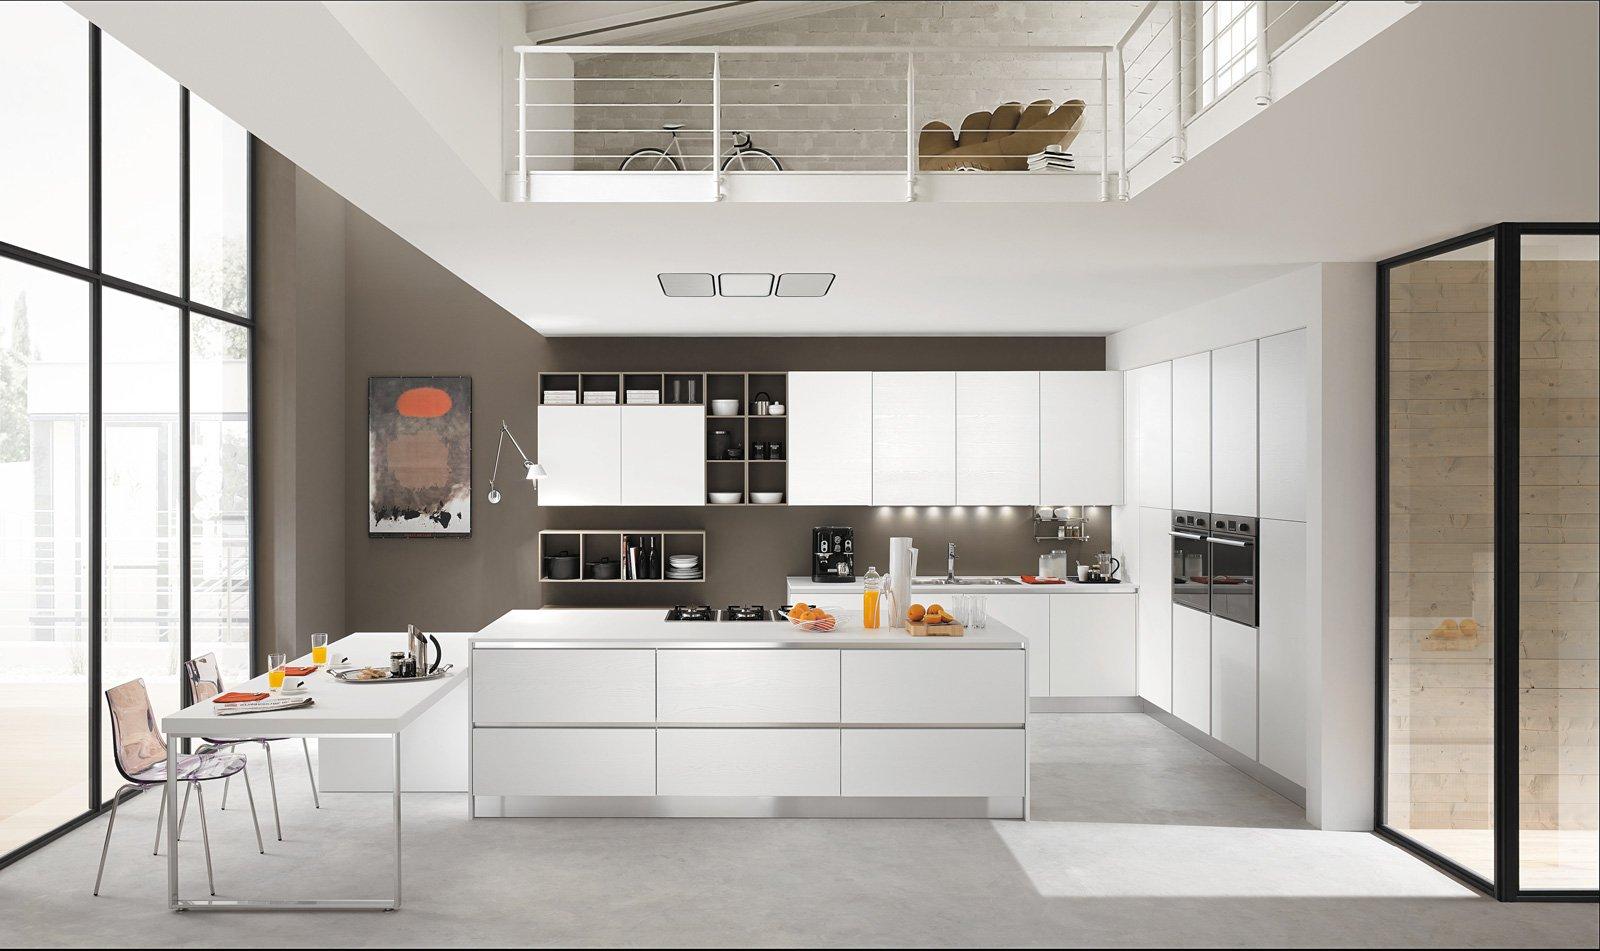 Cucine bianche: e la stanza sembra più grande e luminosa - Cose di Casa